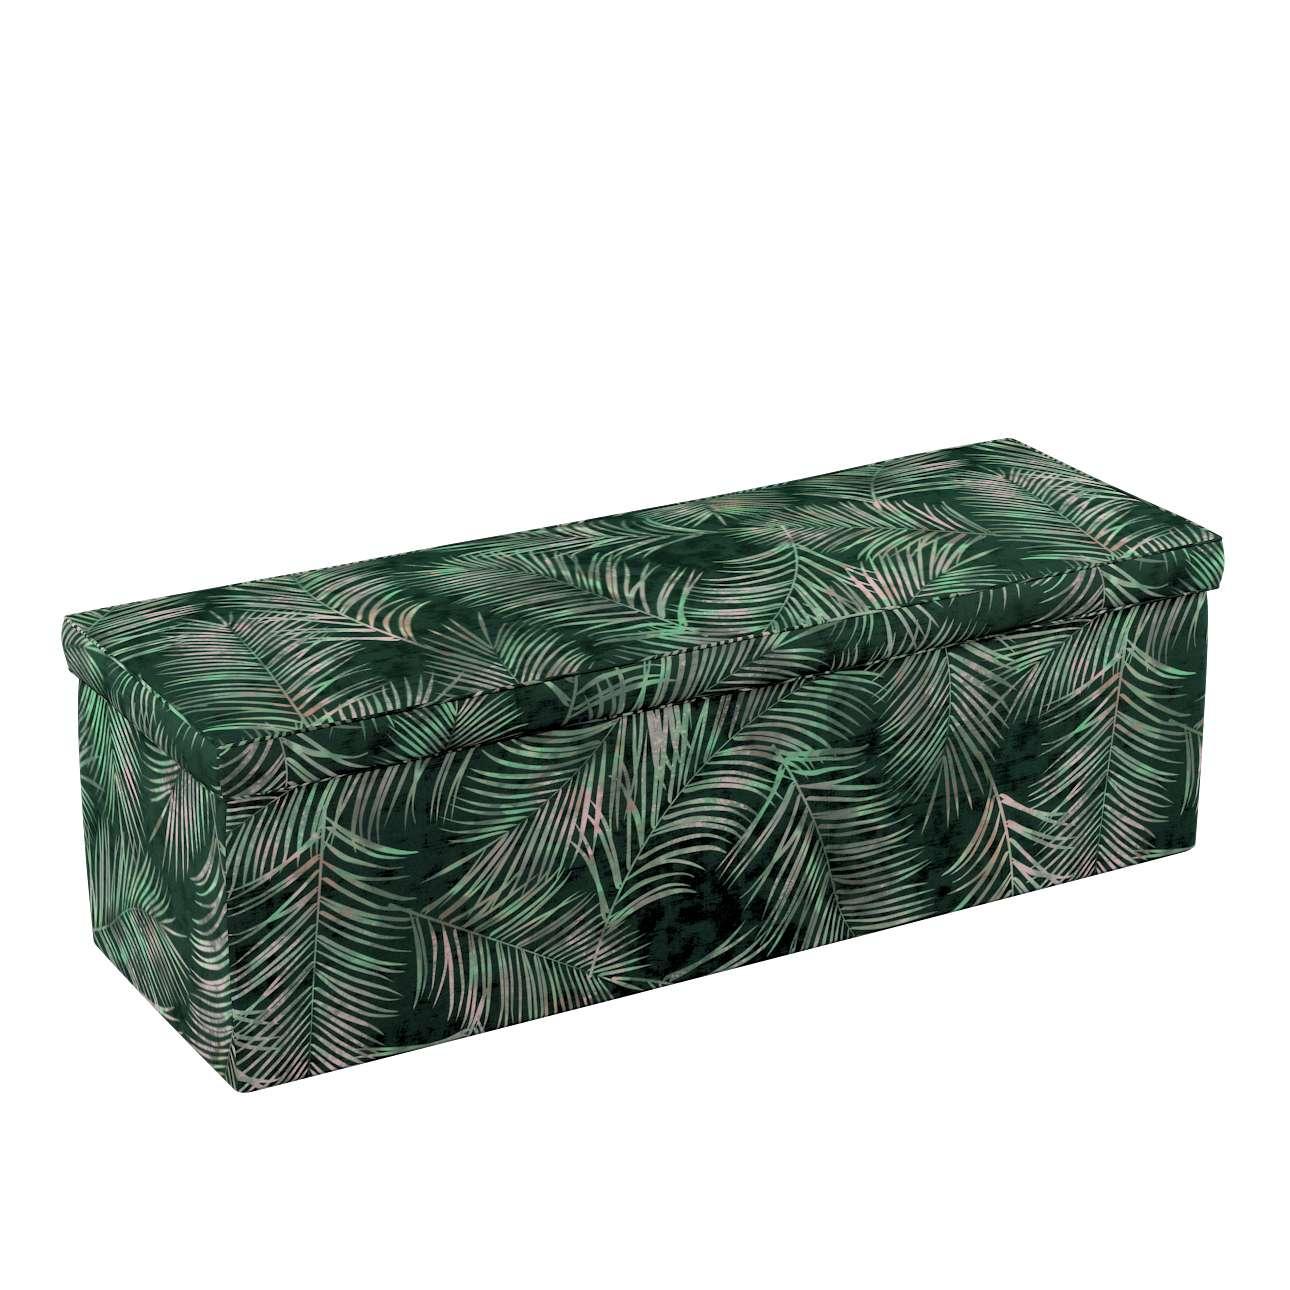 Truhlica čalúnená V kolekcii Velvet, tkanina: 704-21